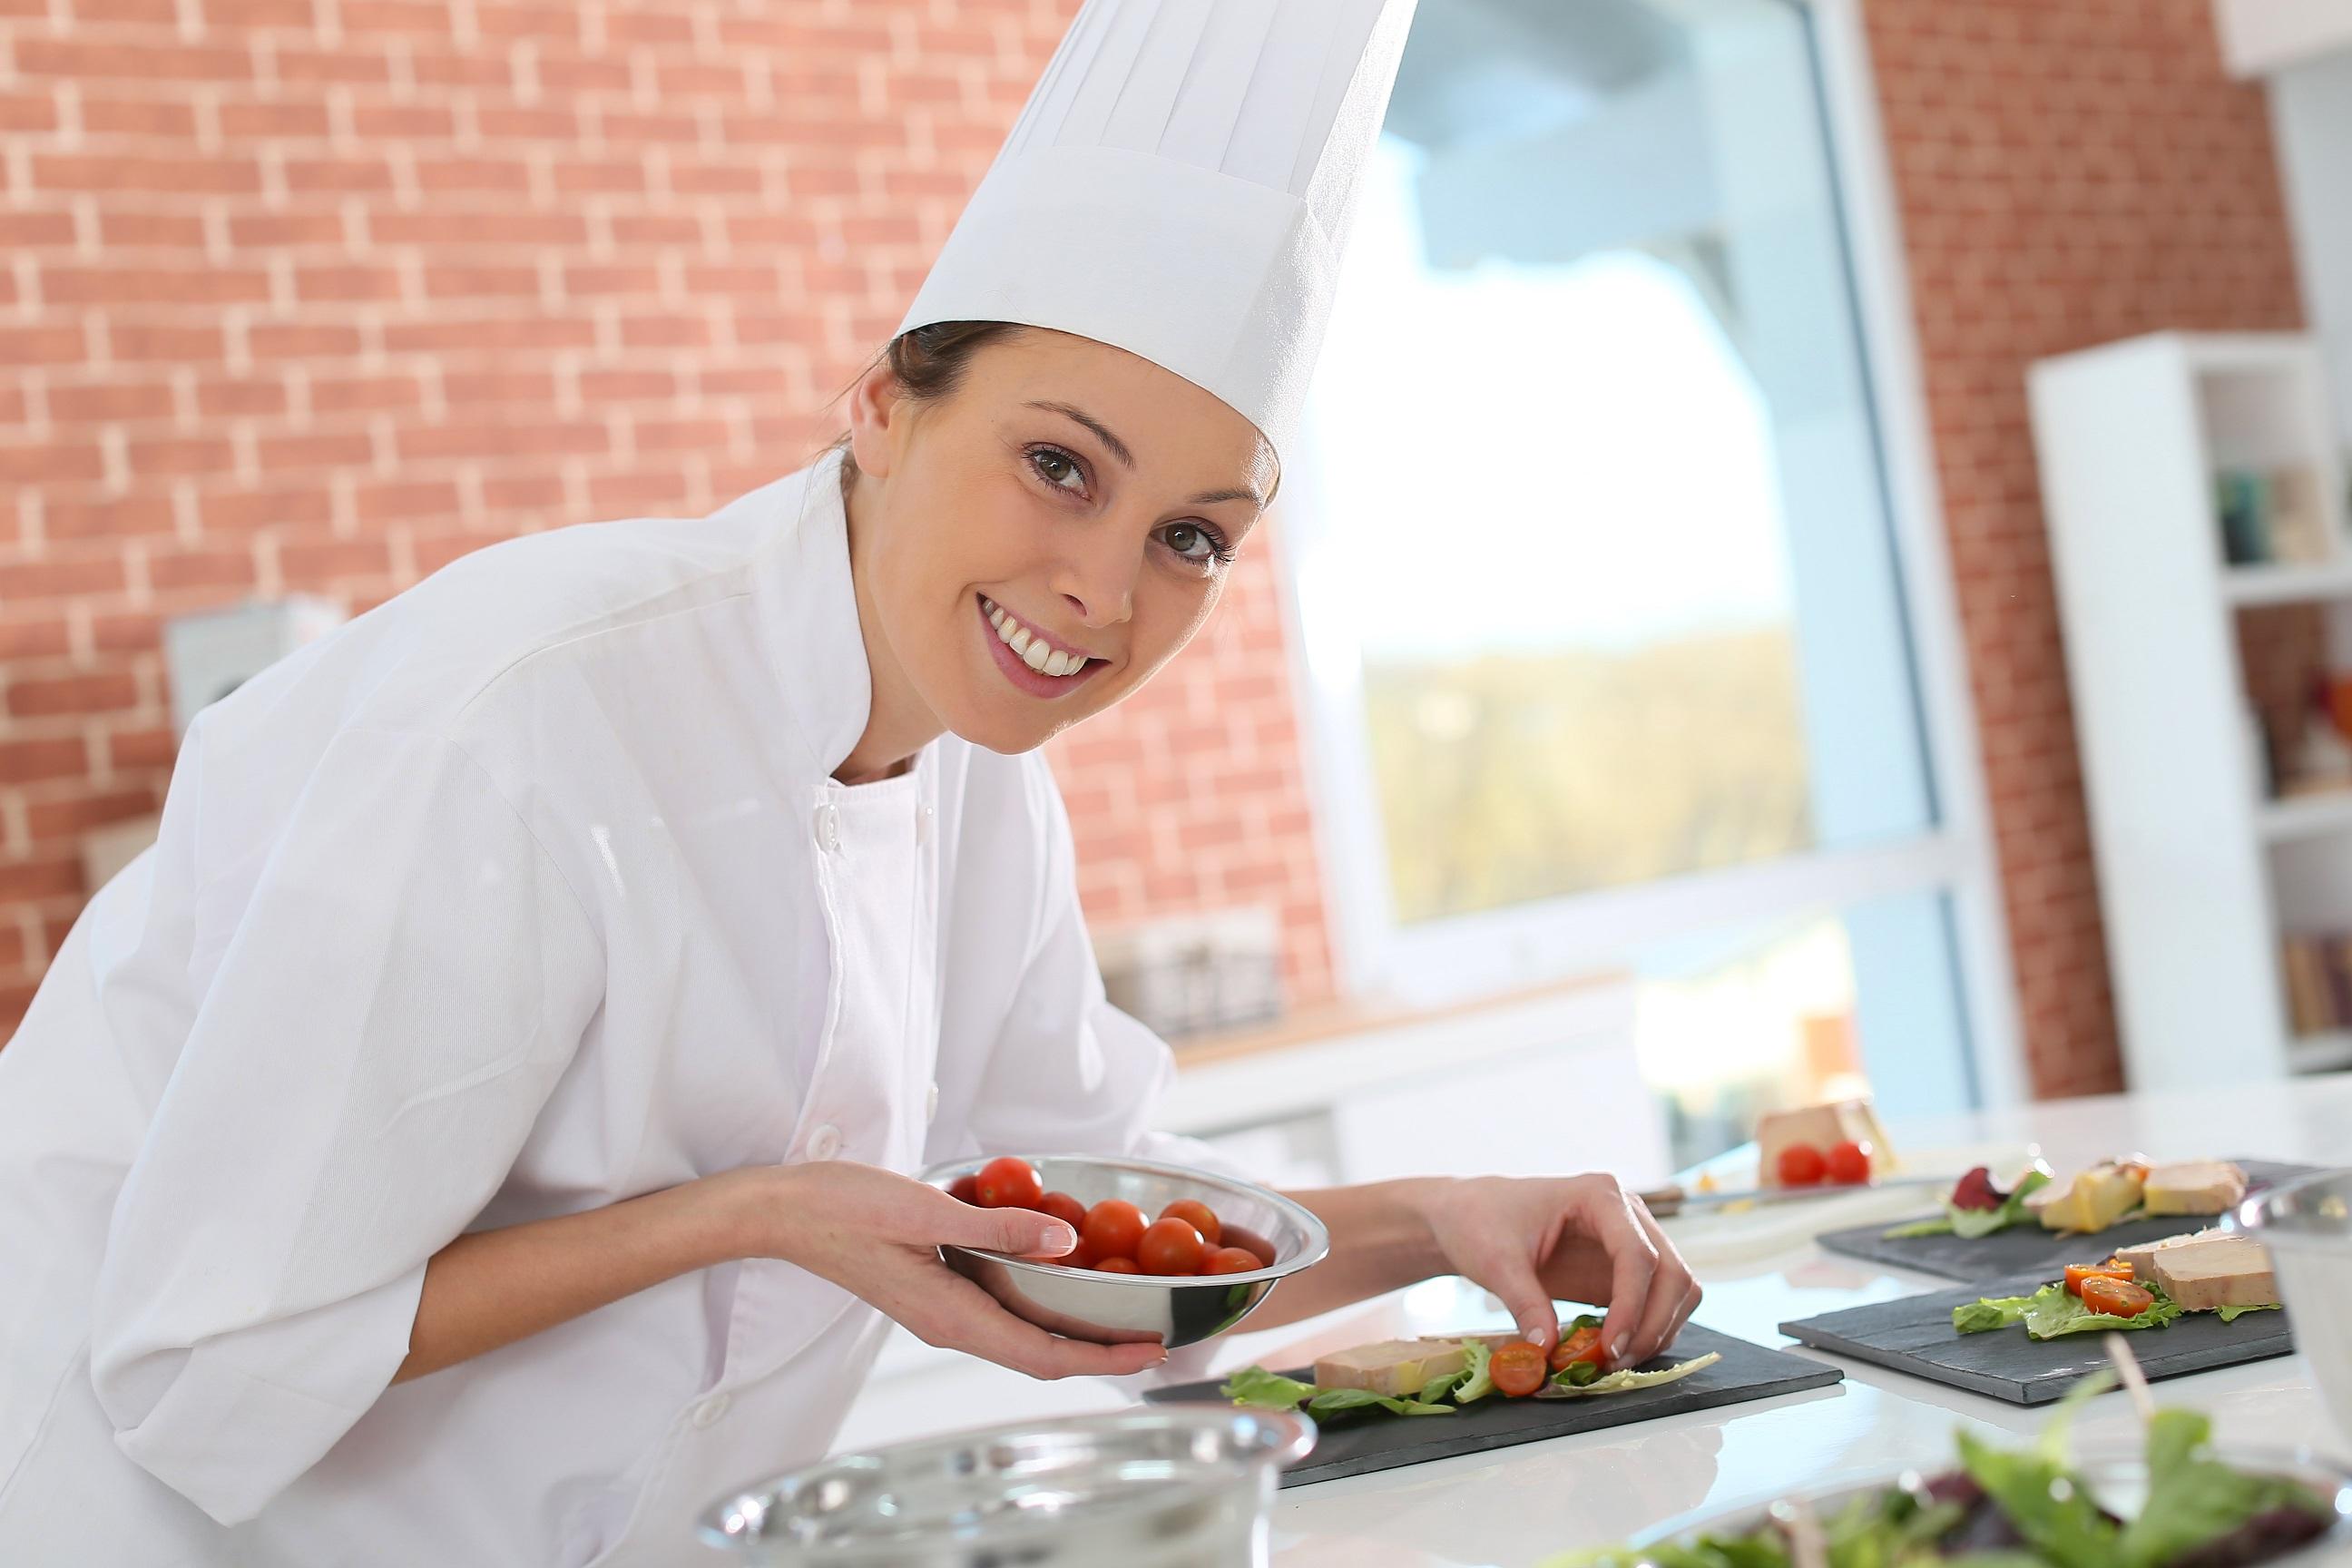 Uśmiechnięty kucharz.